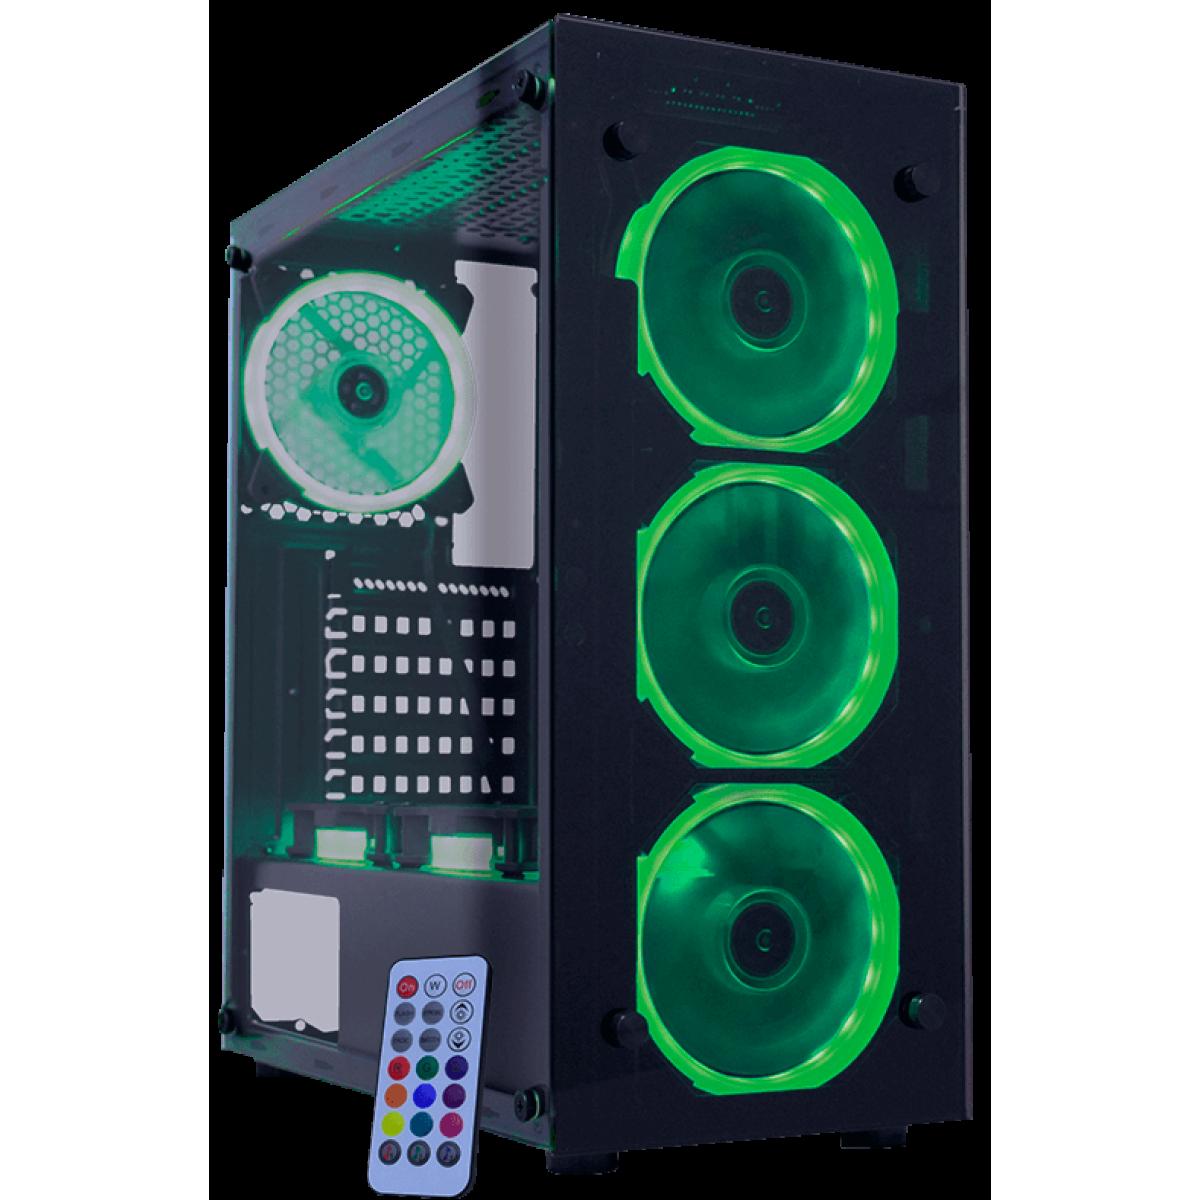 Gabinete Gamer K-mex Atlantis I, Mid Tower, Com 3 Fans RGB, Vidro Temperado, Black, S-Fonte, CG-01N9